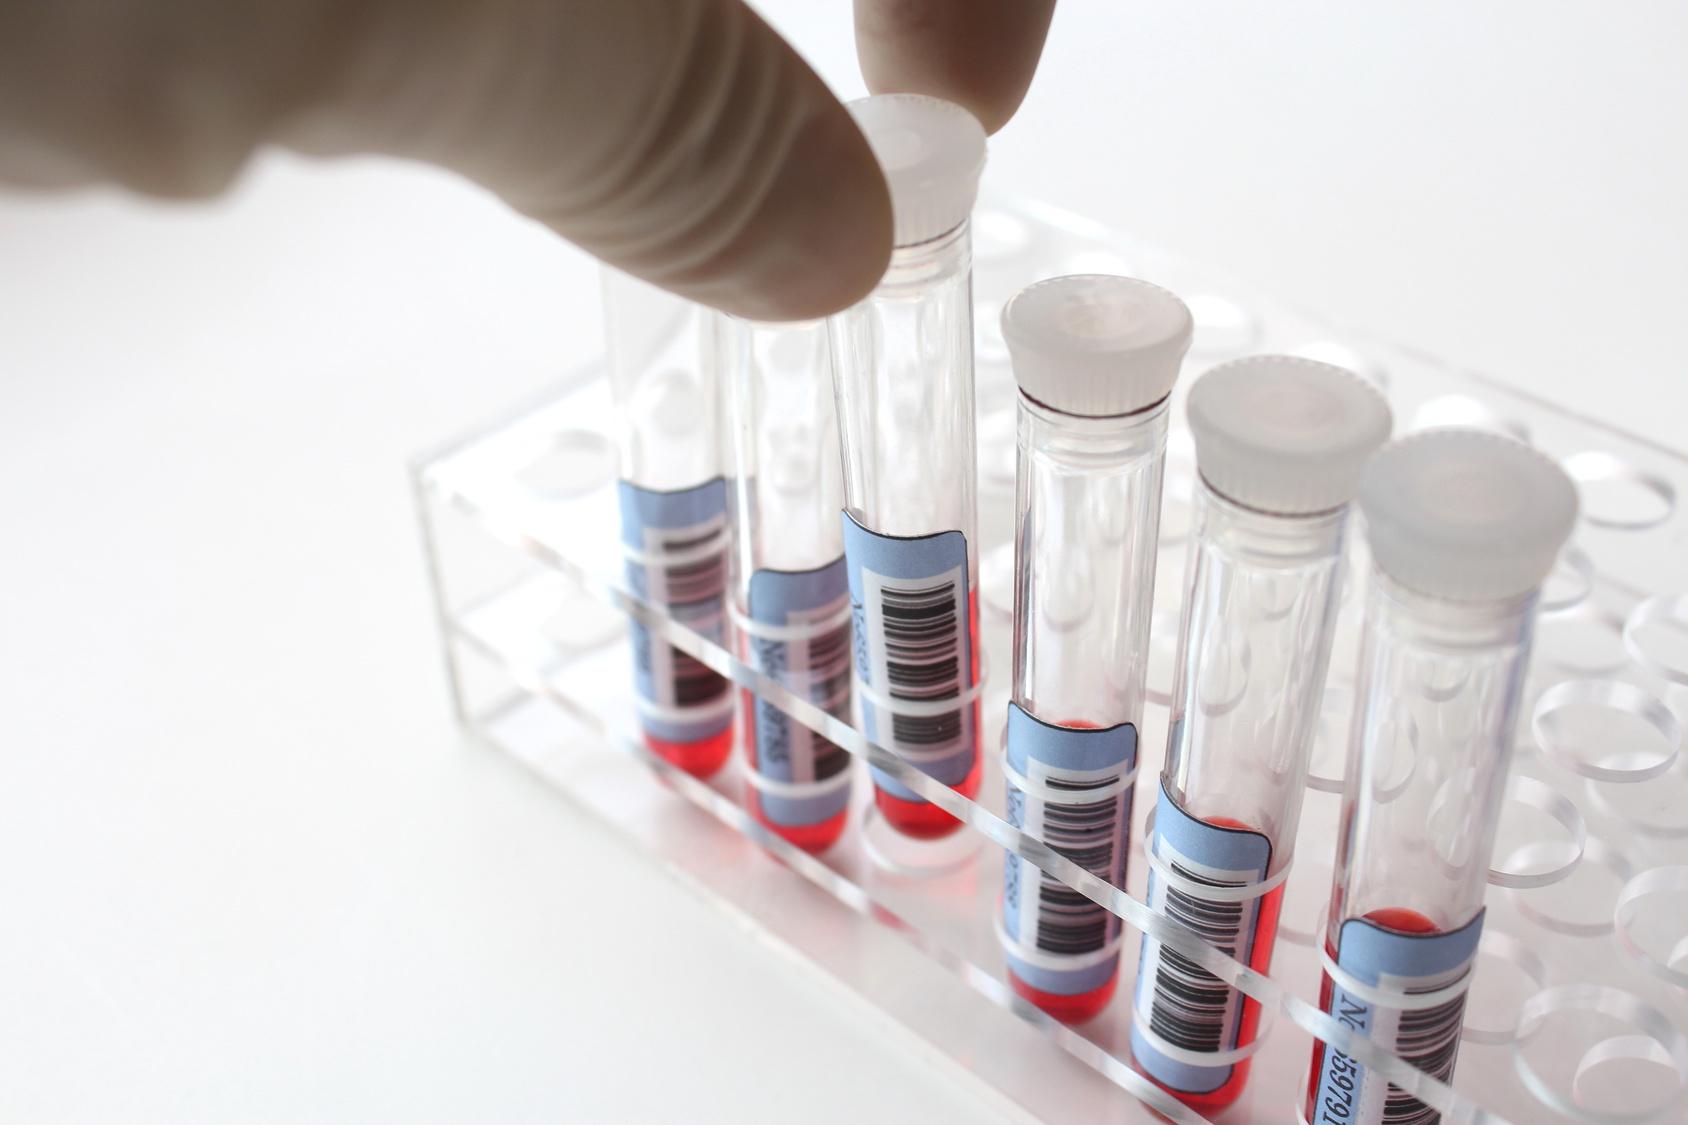 血液検査を受けて腫瘍マーカーのCEAが異常値だったら「がん」の疑い!?